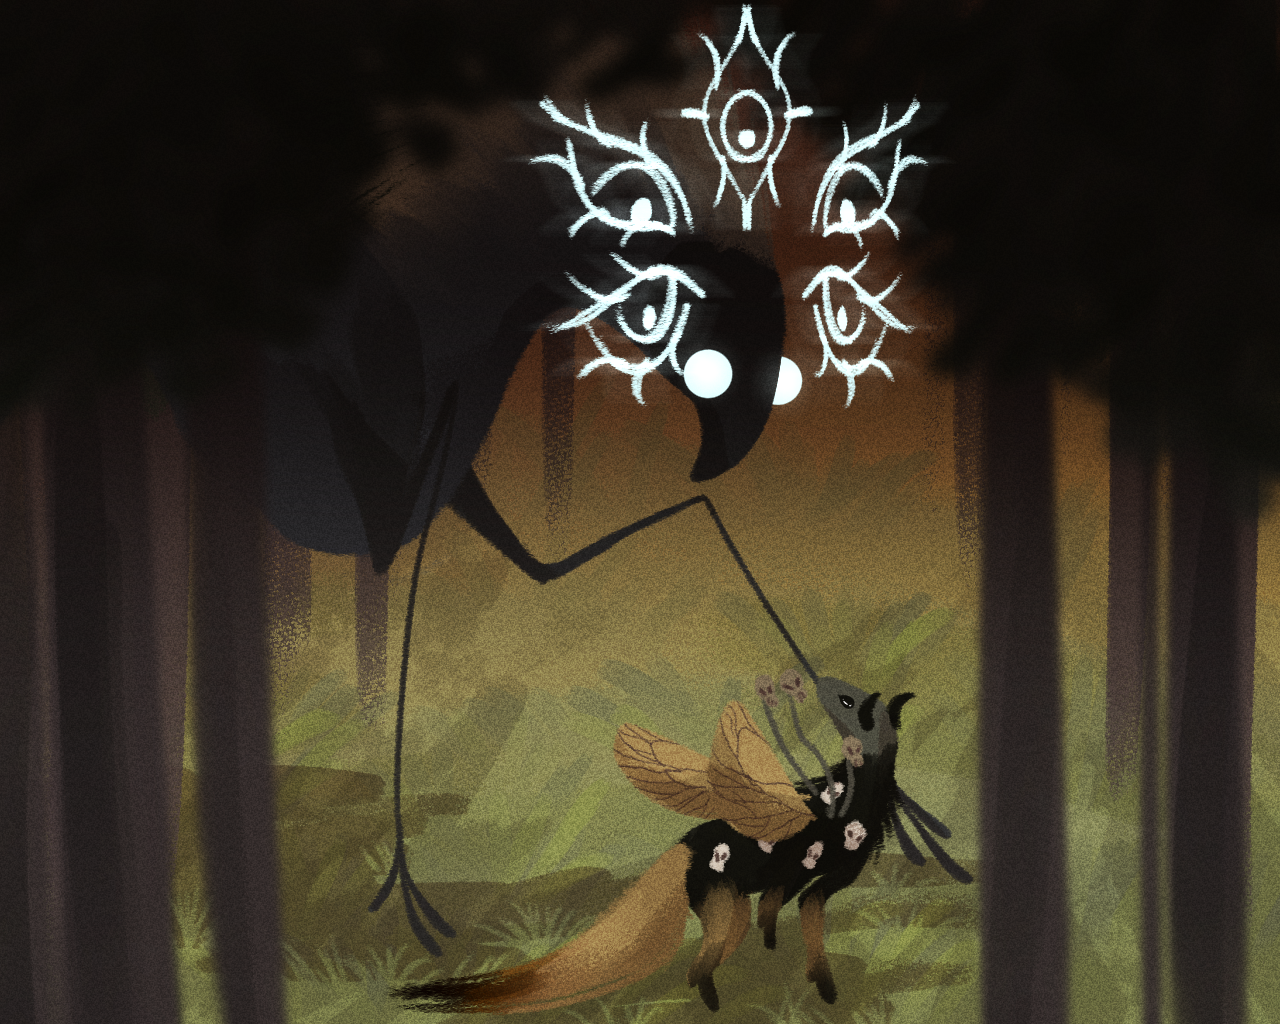 [TWWM] Strange encounters